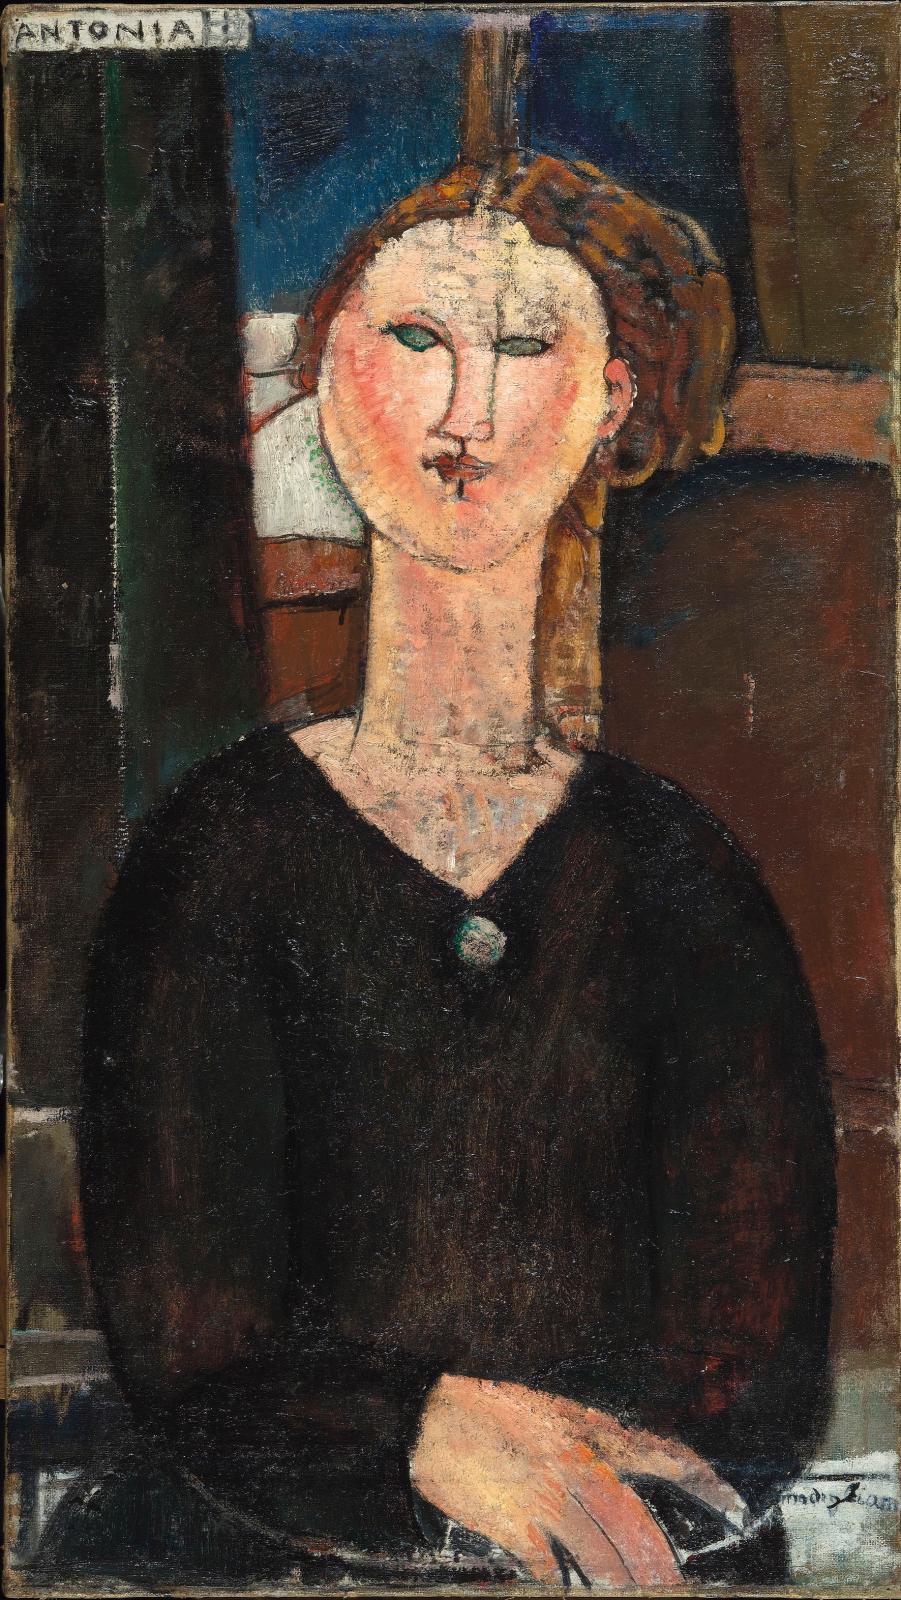 Antonia, vers 1915, huile sur toile, 82x46cm, musée de l'Orangerie. ©RMN-Grand Palais (musée de l'Orangerie)/Hervé Lewandowski